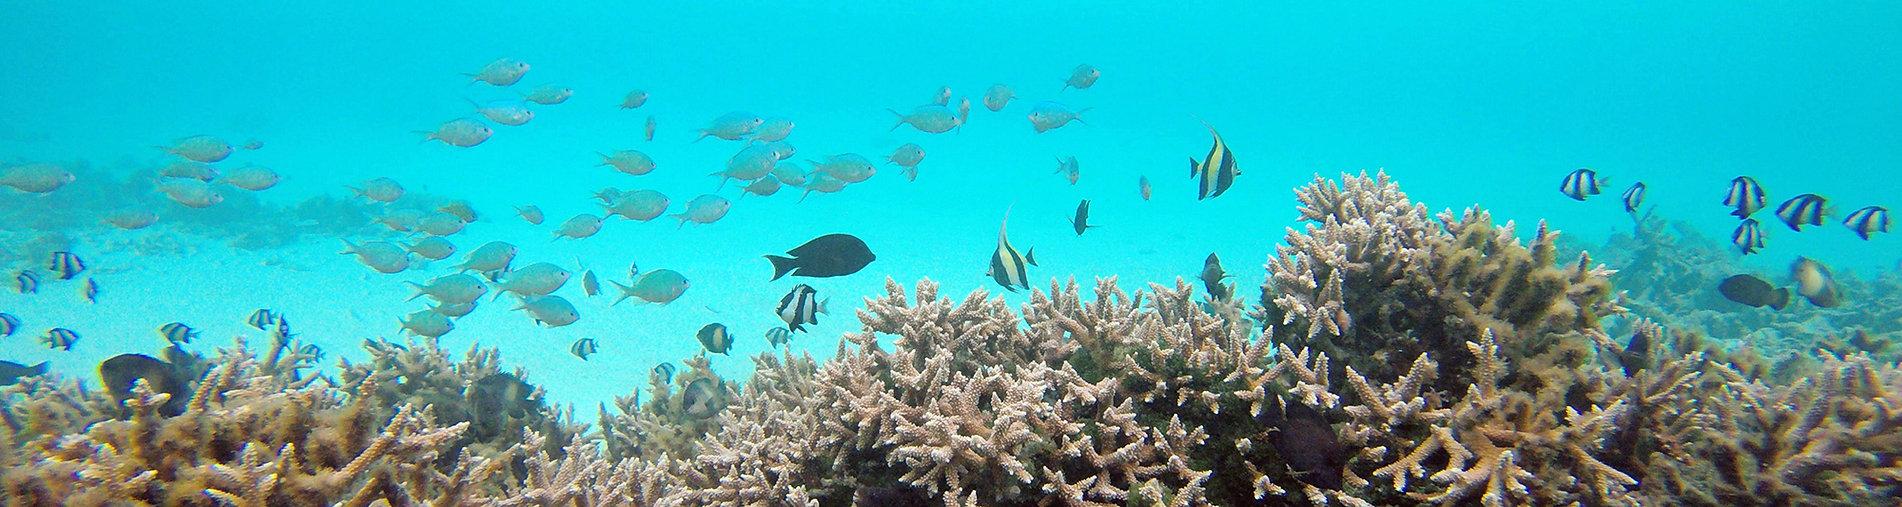 Snorkeling, Baa Atoll, Maldives